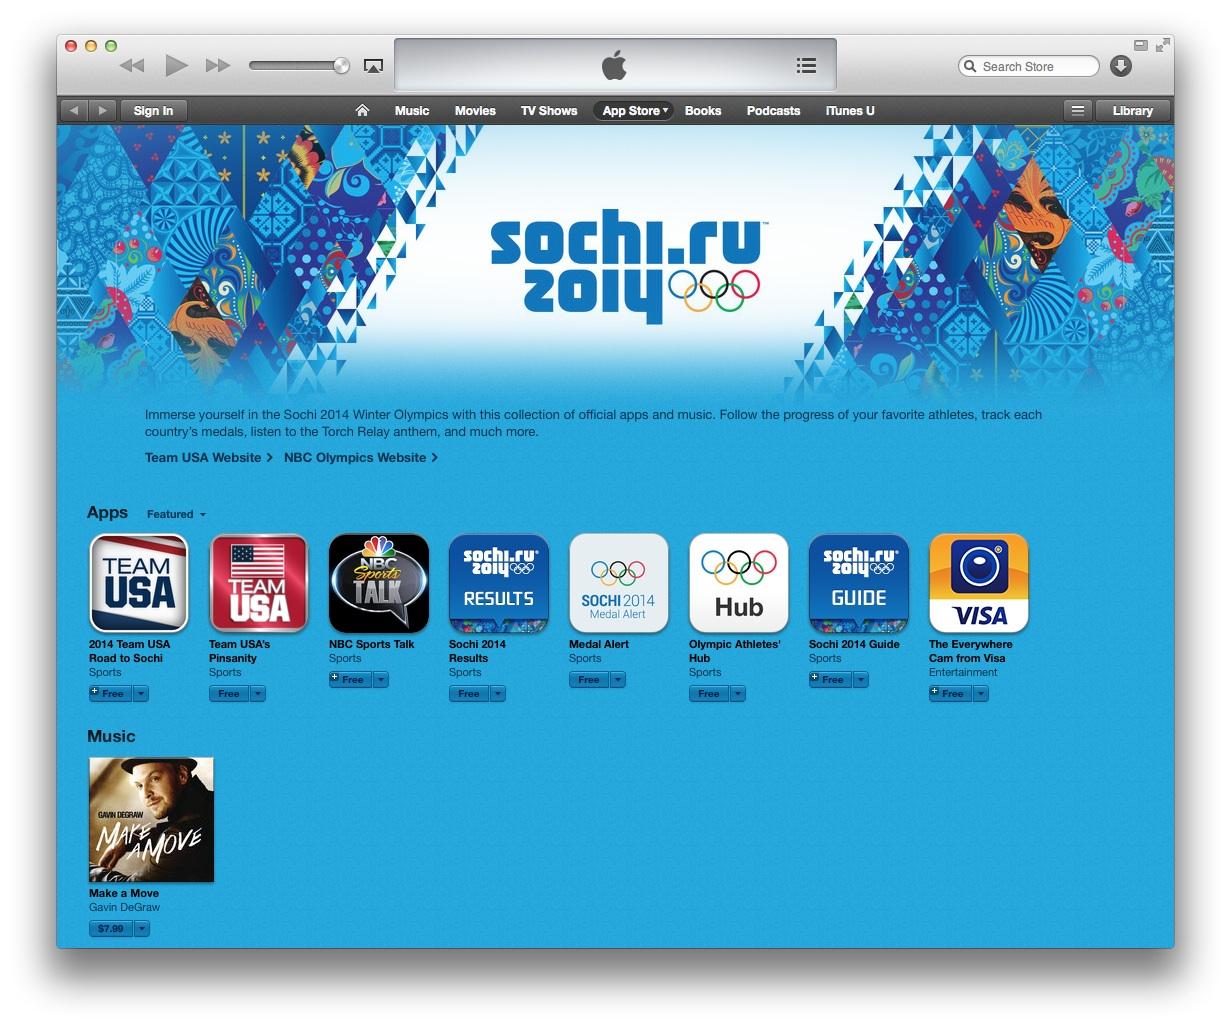 App Store Sochi 2014 (captura de pantalla 001 de iTunes)